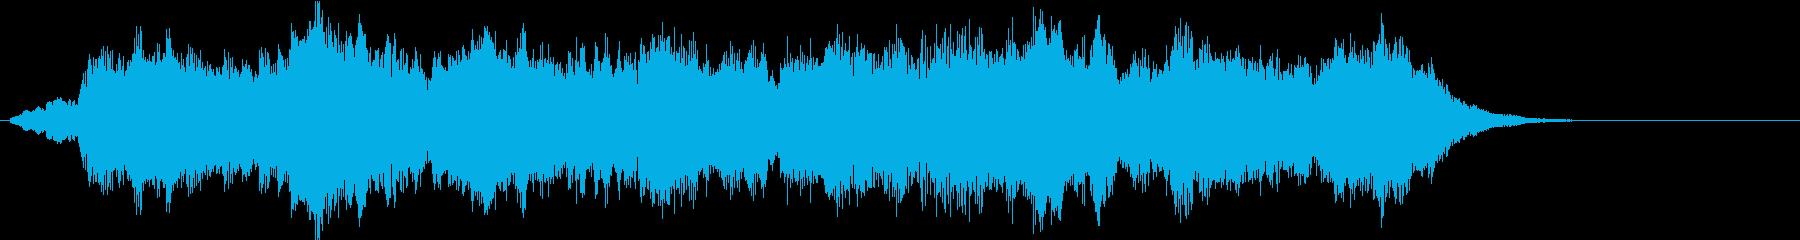 ピアチェル・ダモール/愛を演出するBGMの再生済みの波形